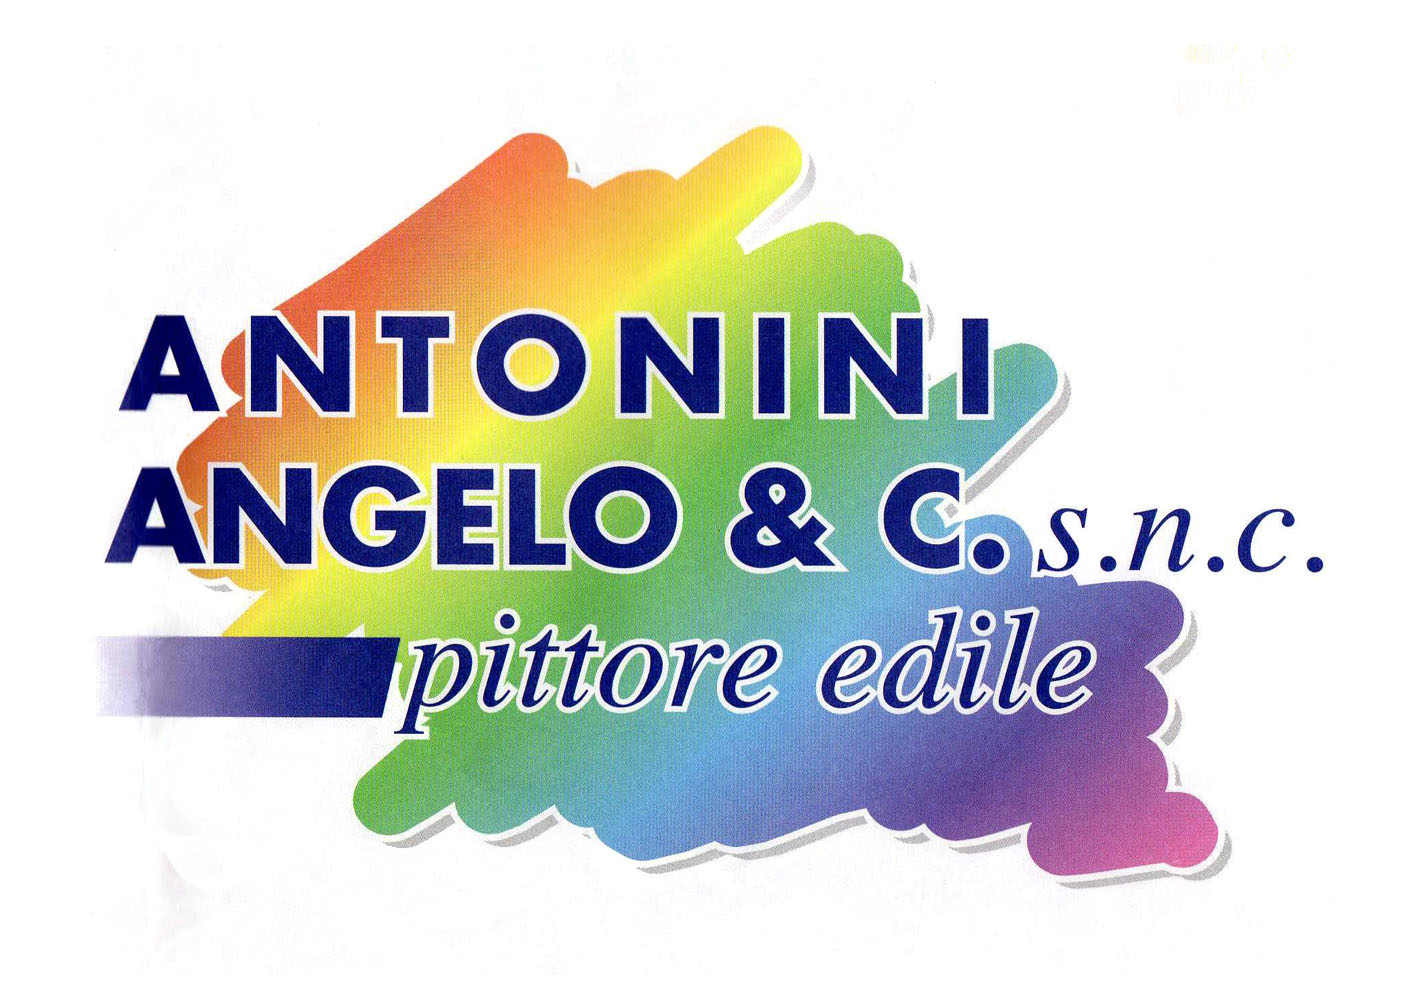 Antonini Angelo